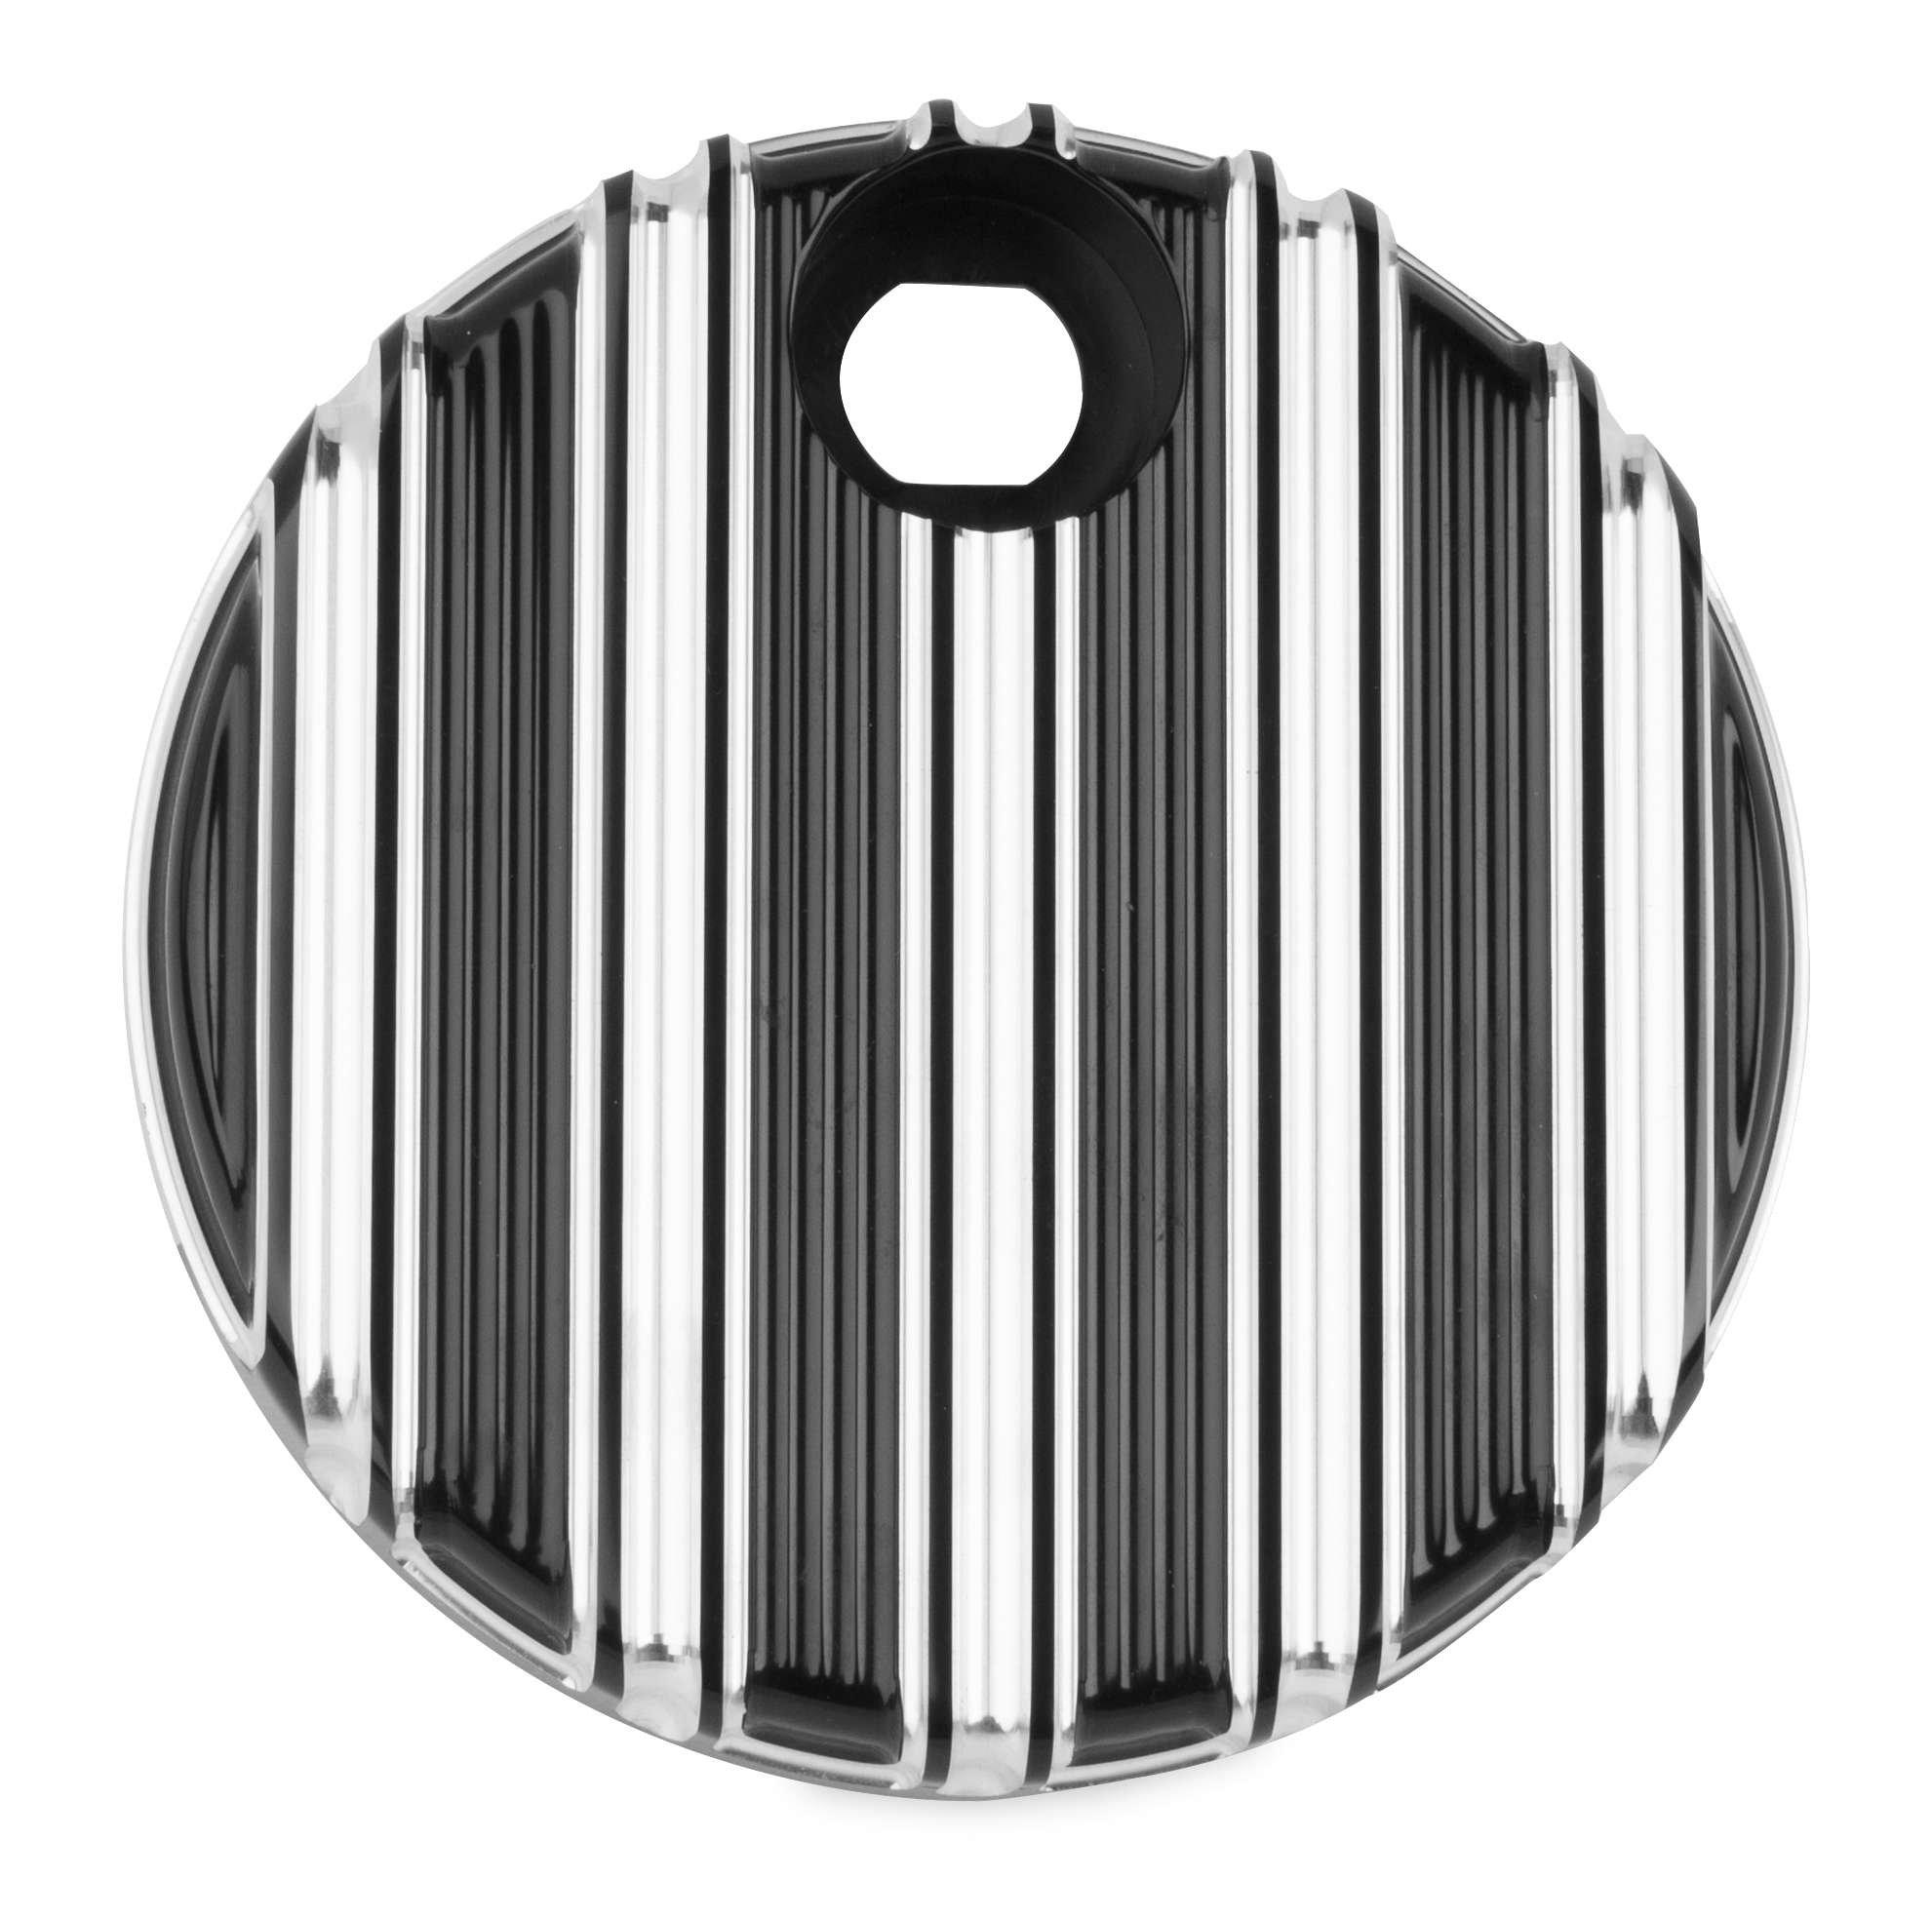 Arlen Ness 04-217 Fuel Door - 10-Gauge - Black